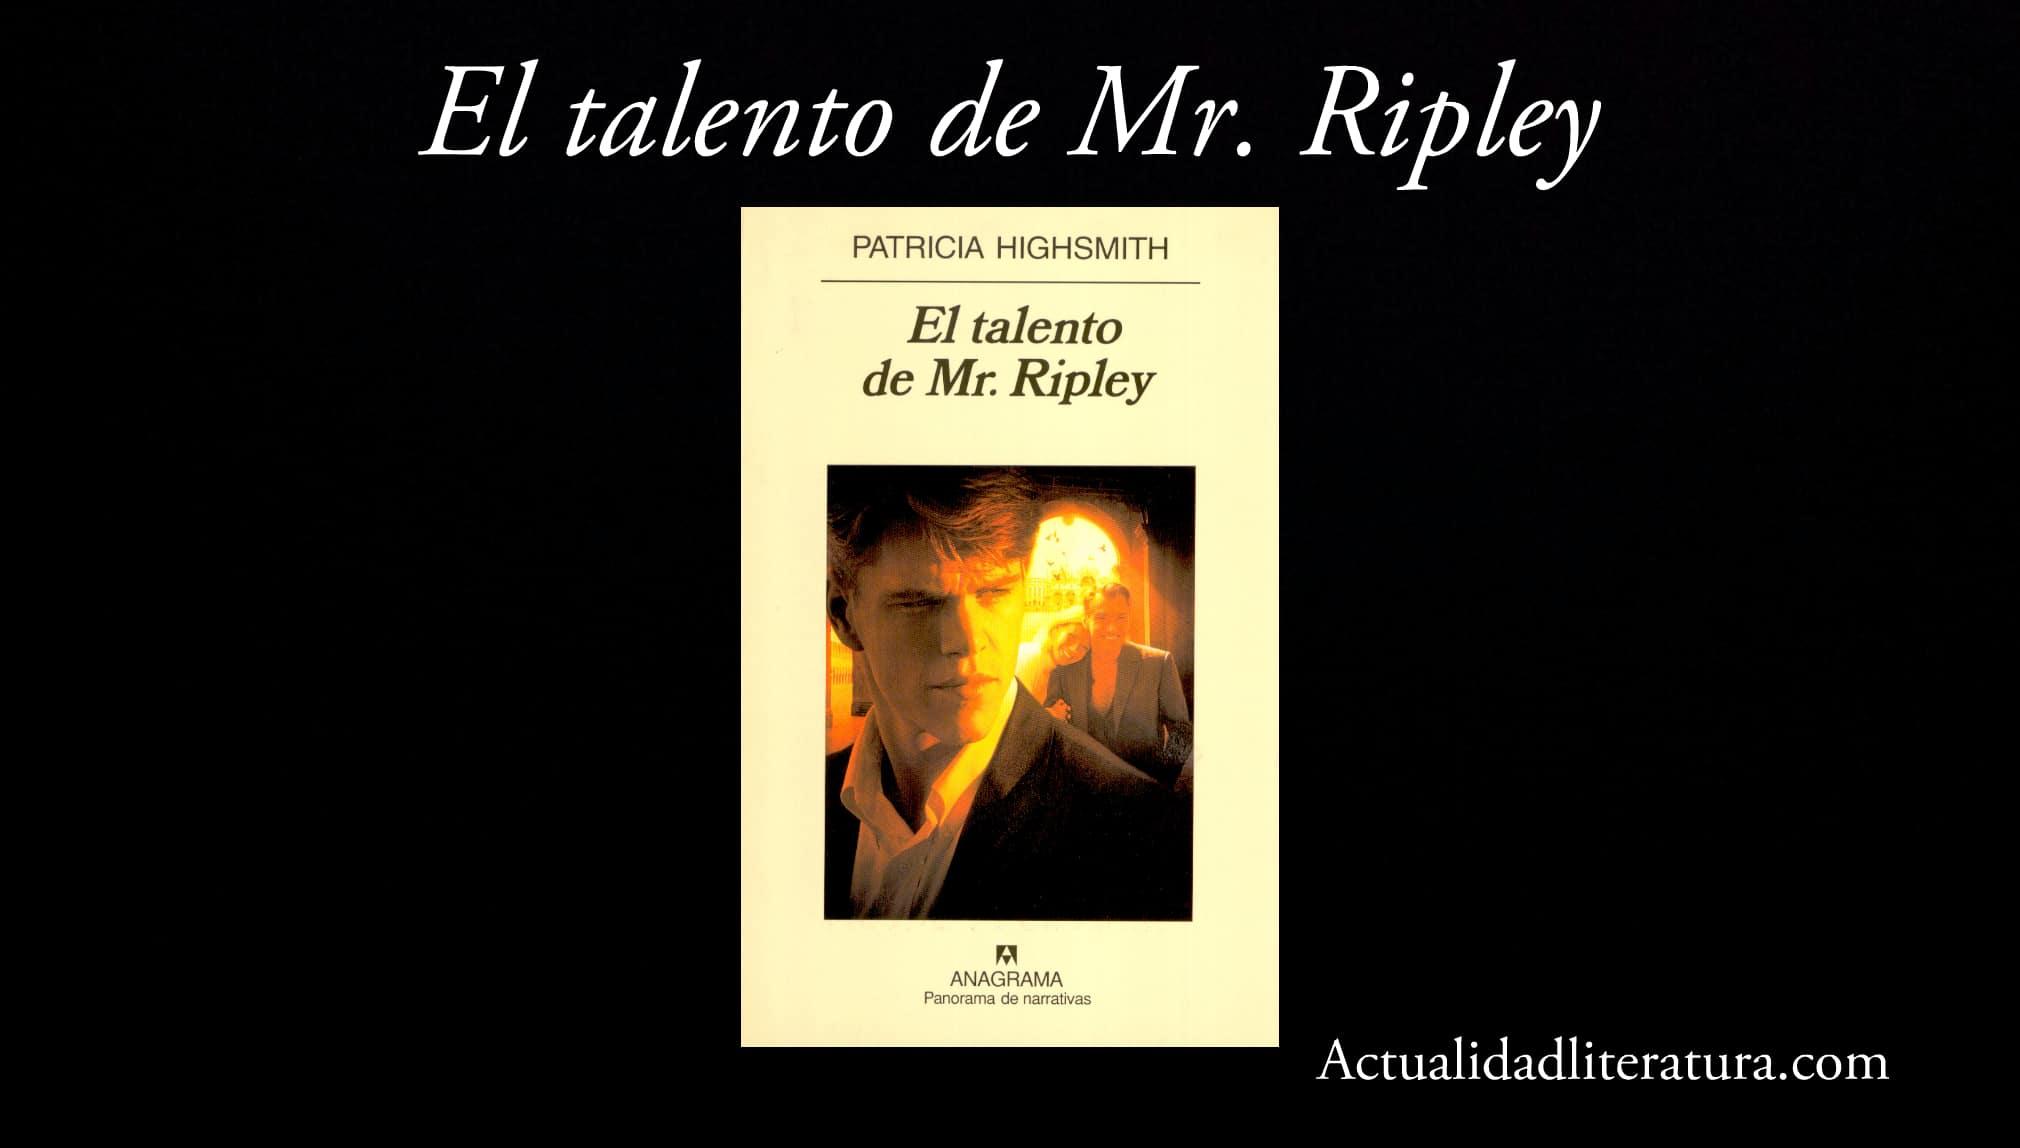 El talento de Mr. Ripley.